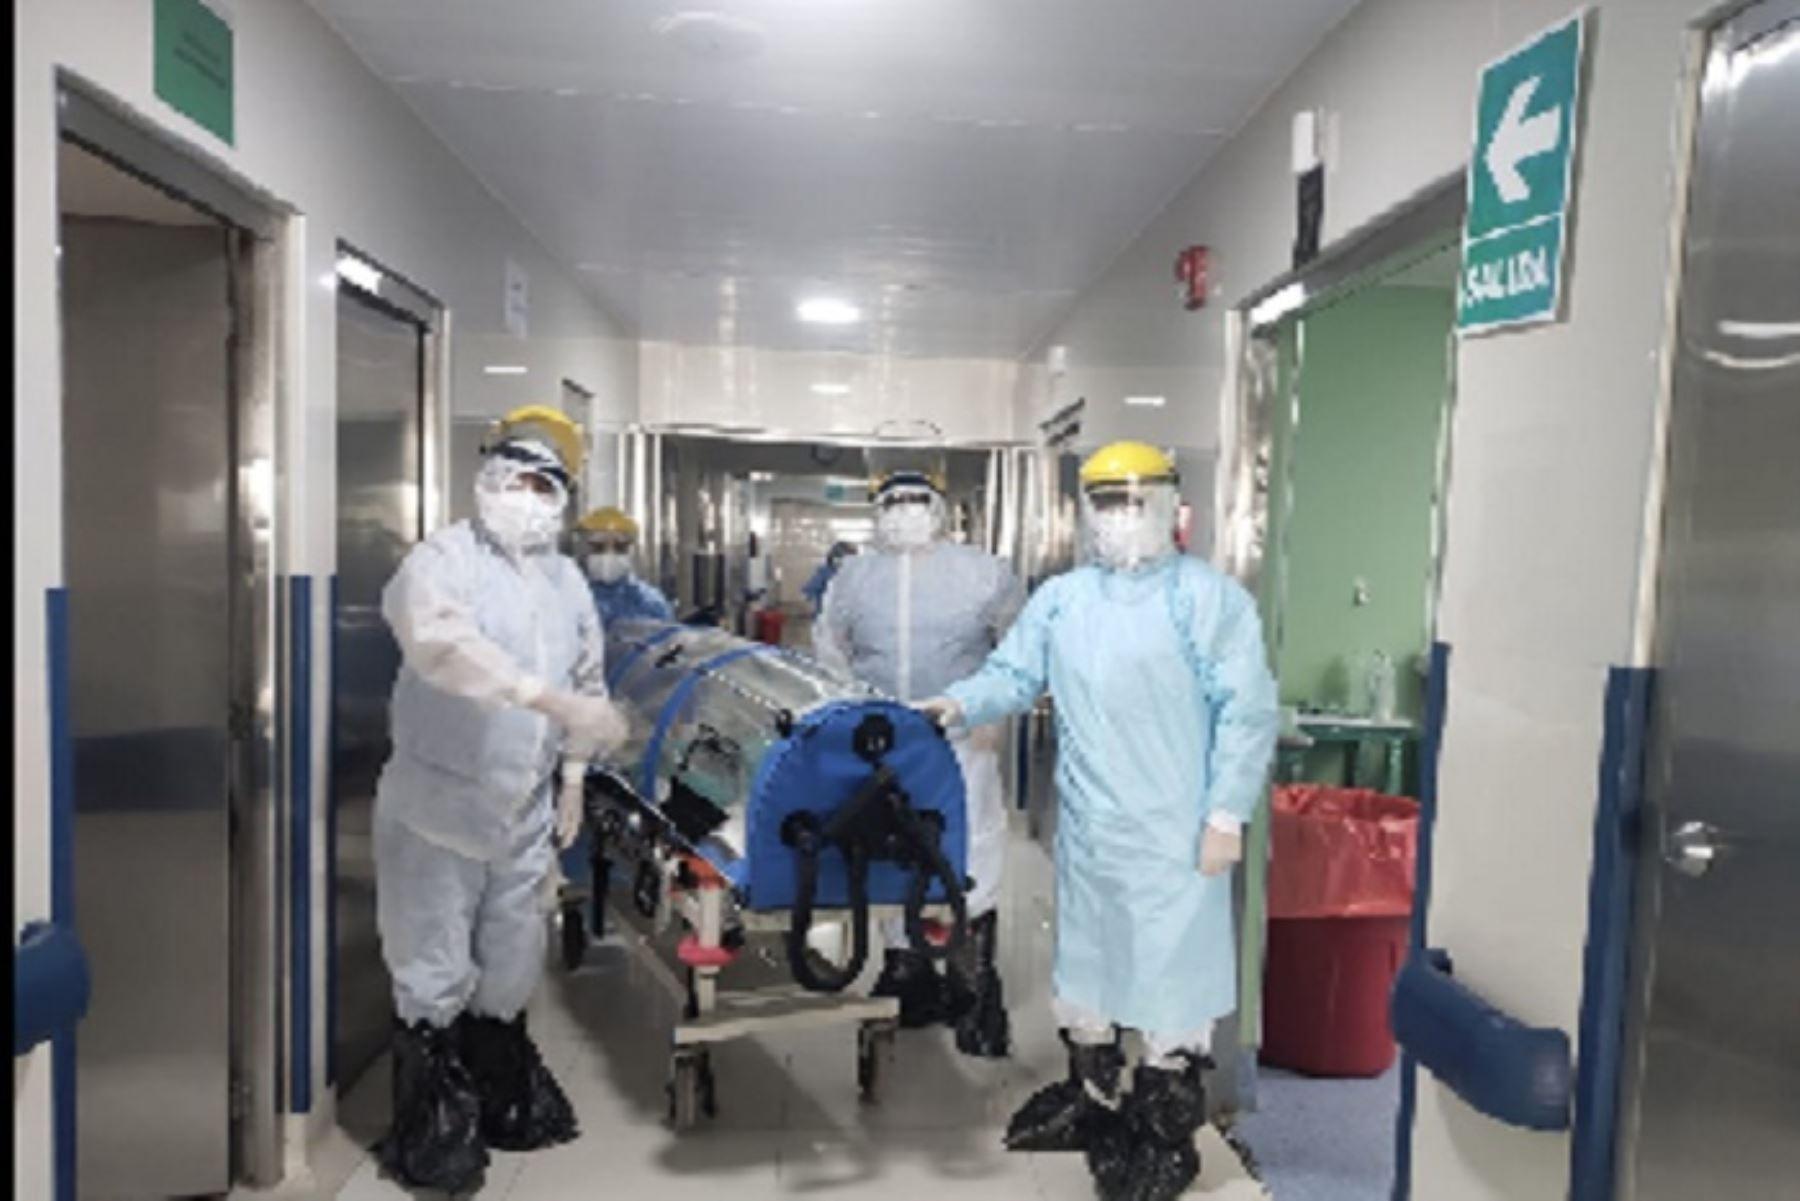 La pandemia del covid-19 ha puesto a prueba los sistemas de salud en el contexto de las cirugías de pacientes infectados.